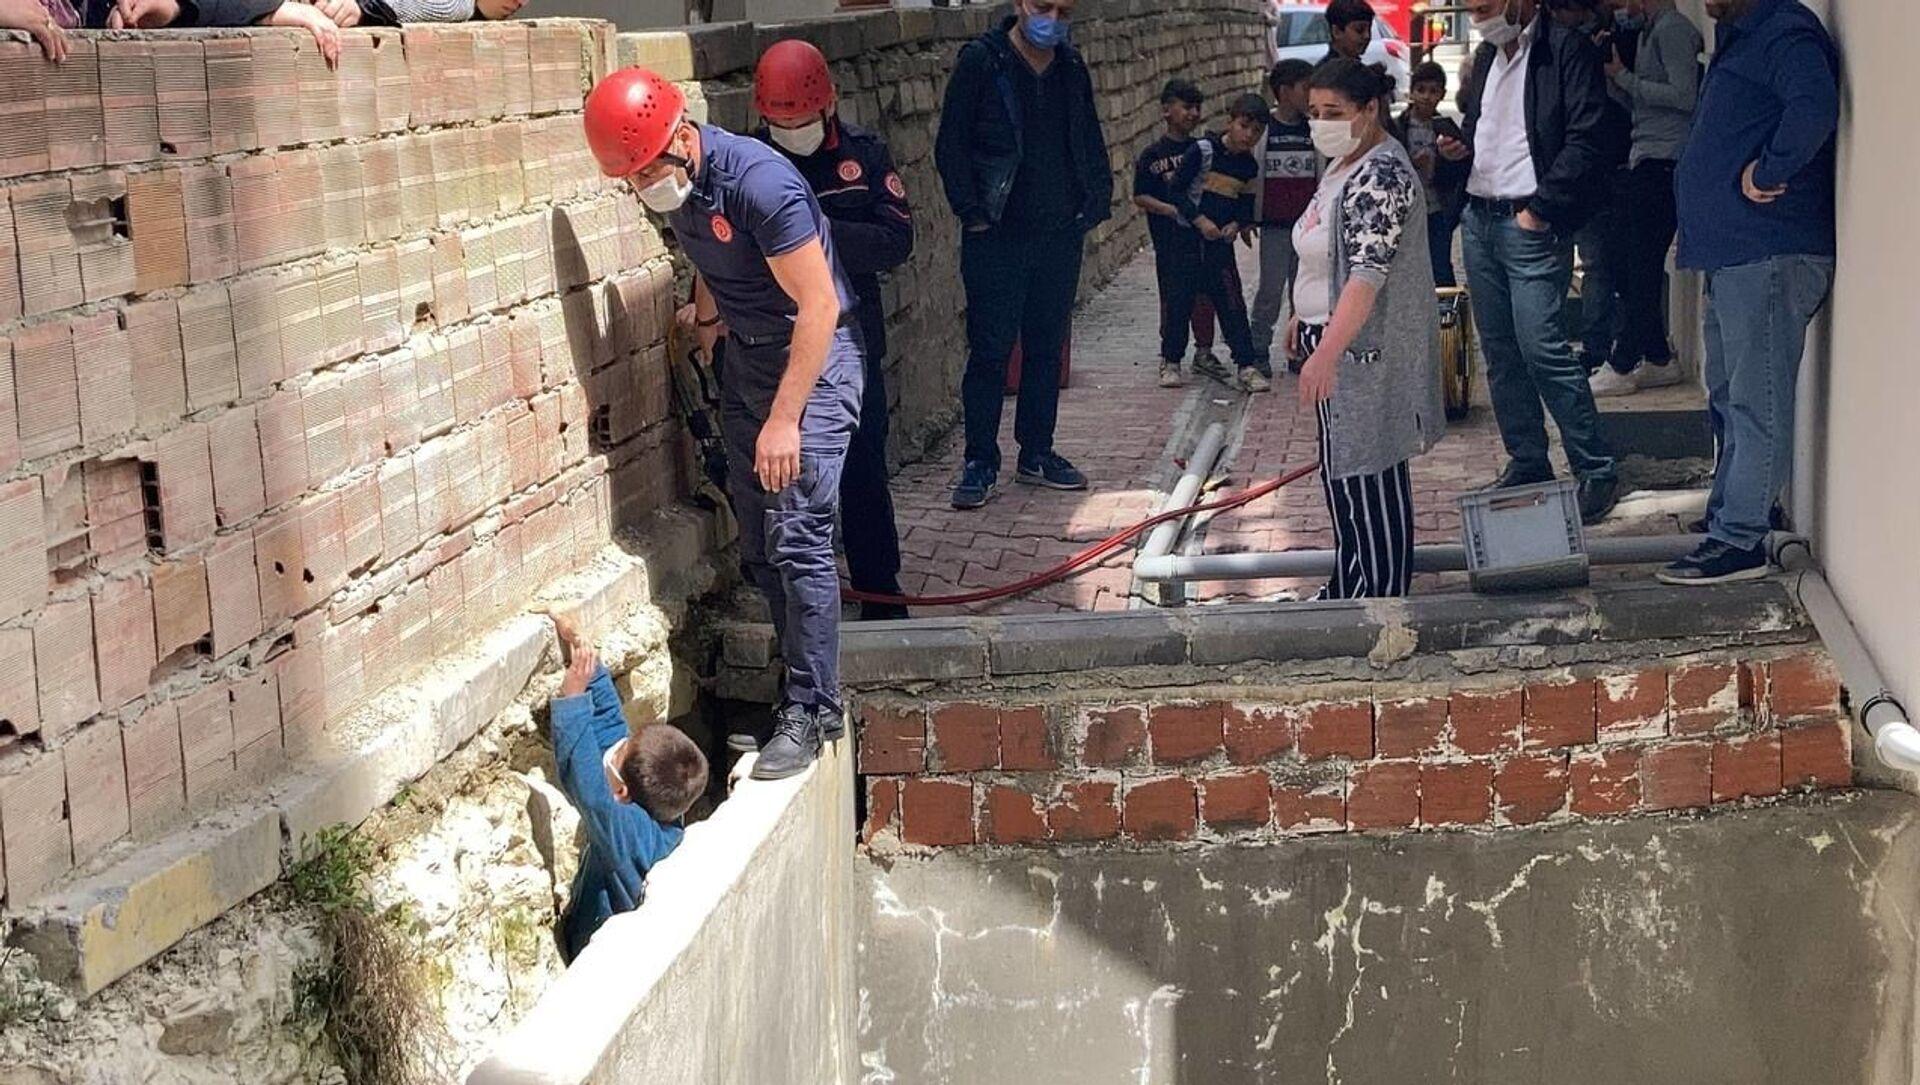 Arnavutköy, iki duvar arasına sıkışan çocuk - Sputnik Türkiye, 1920, 28.04.2021